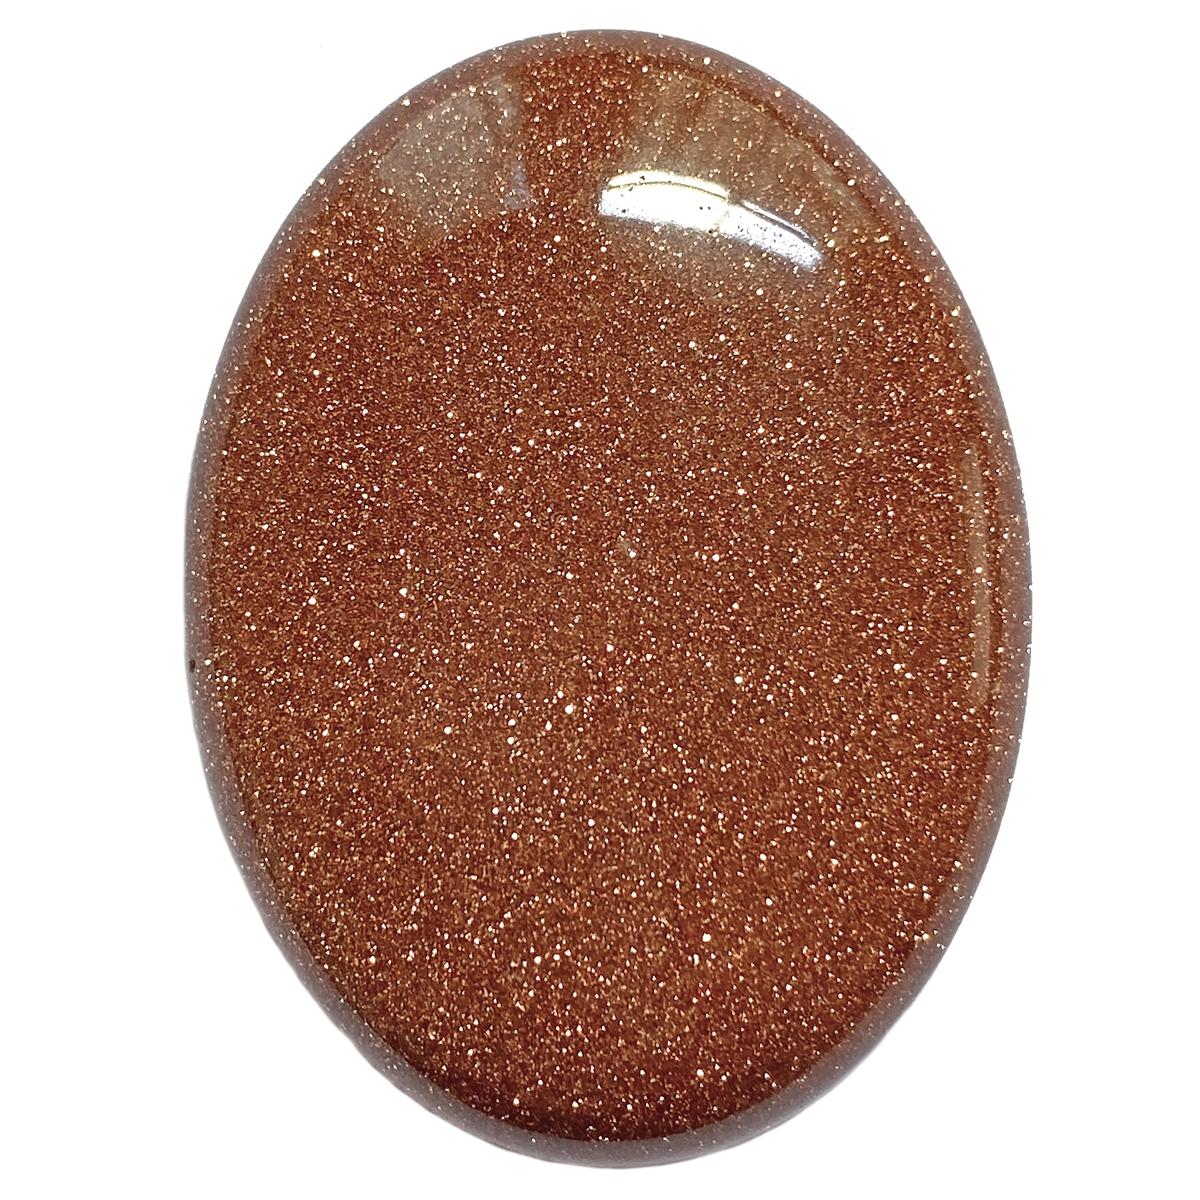 Semi Precious Stones Goldstone 40x30mm Stone Cabochon Large